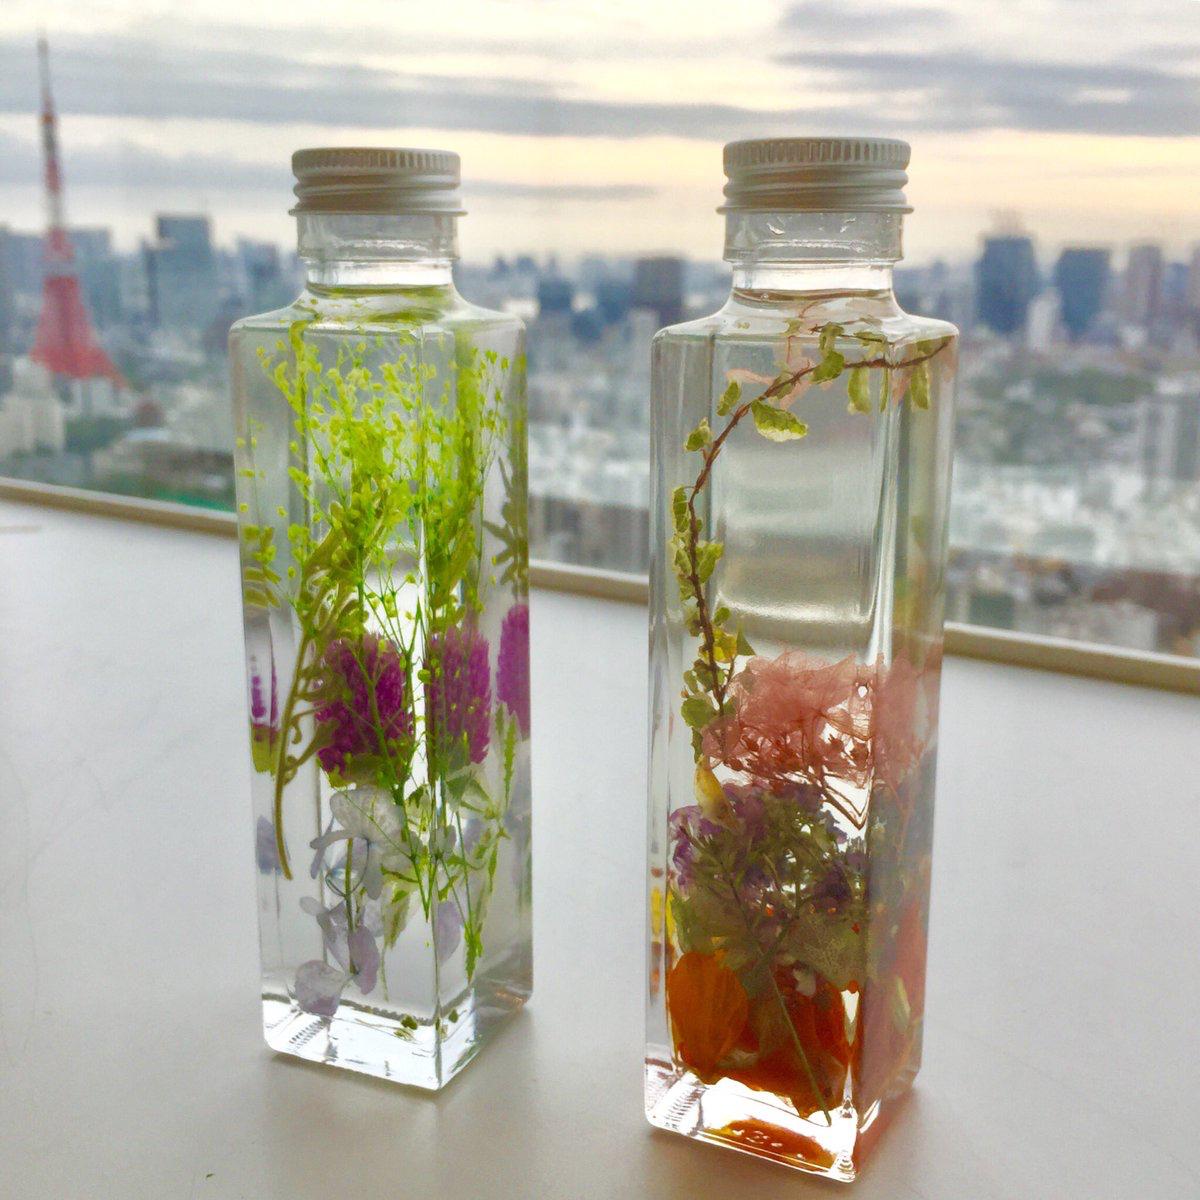 ハーバリウムを手作り体験! 麻布十番「Floral Design Ishizono」にて